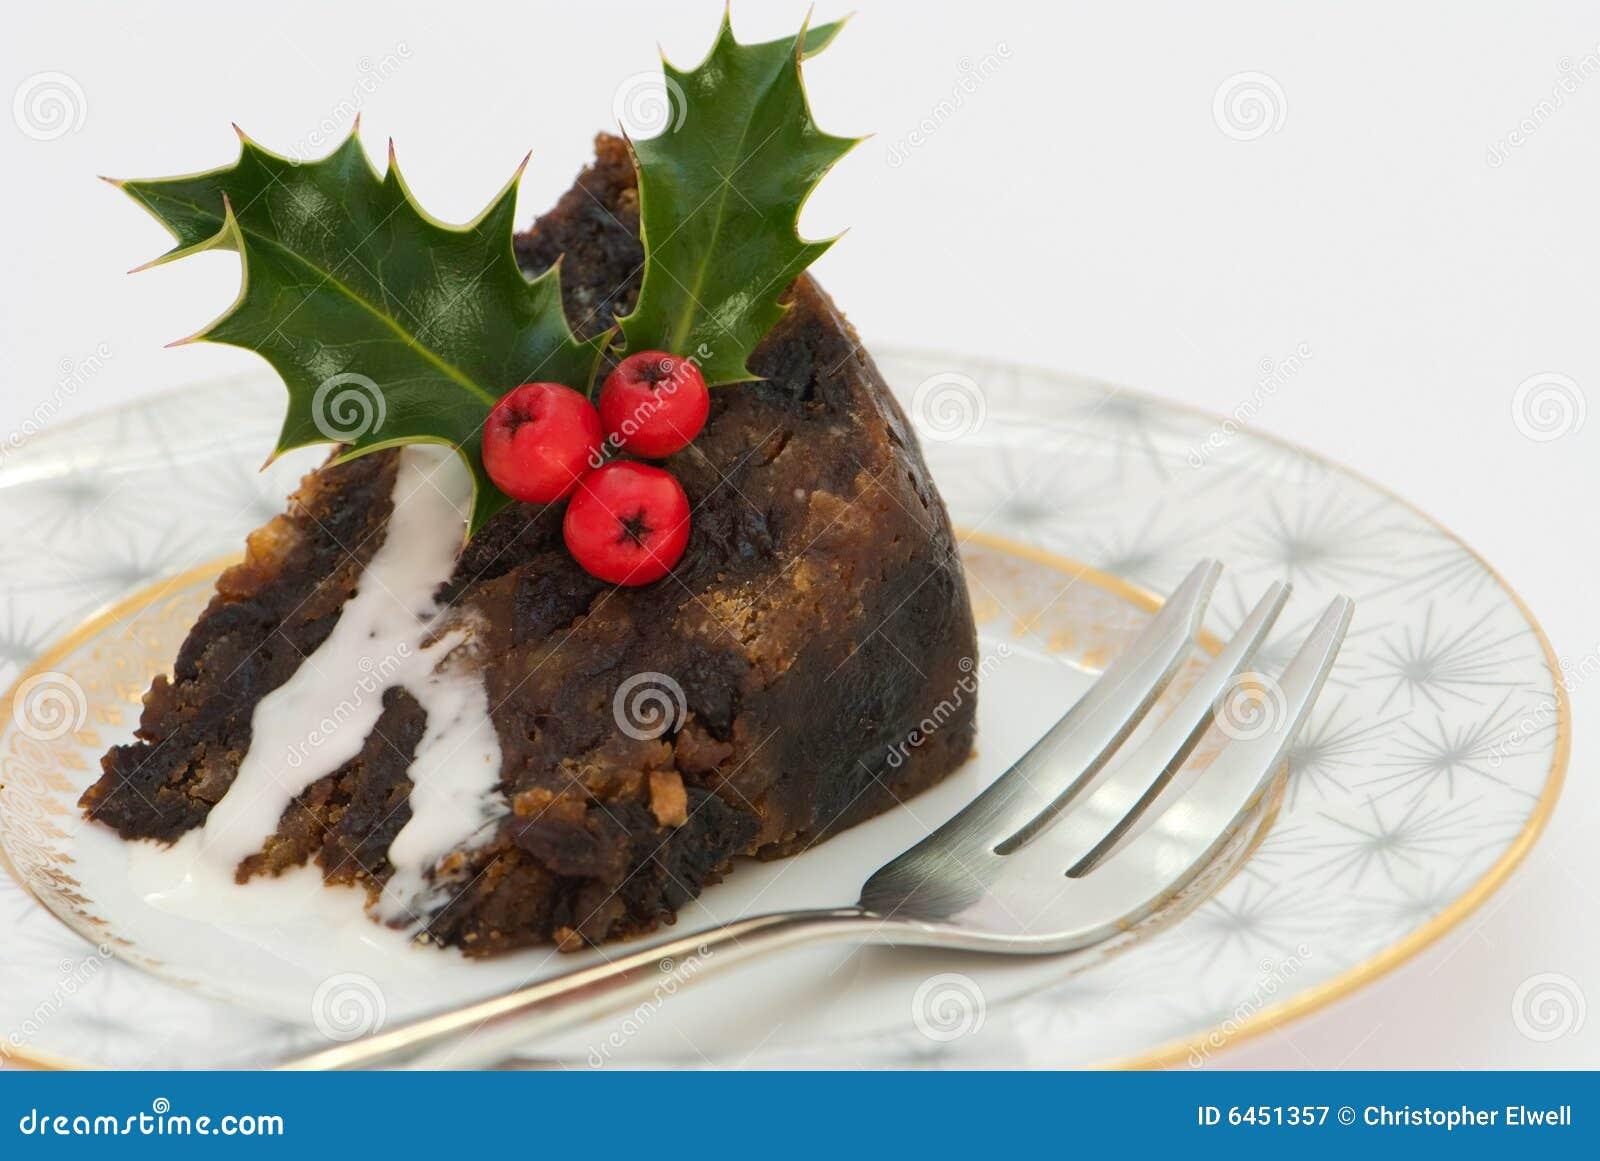 Boże narodzenie kawałek puddingu